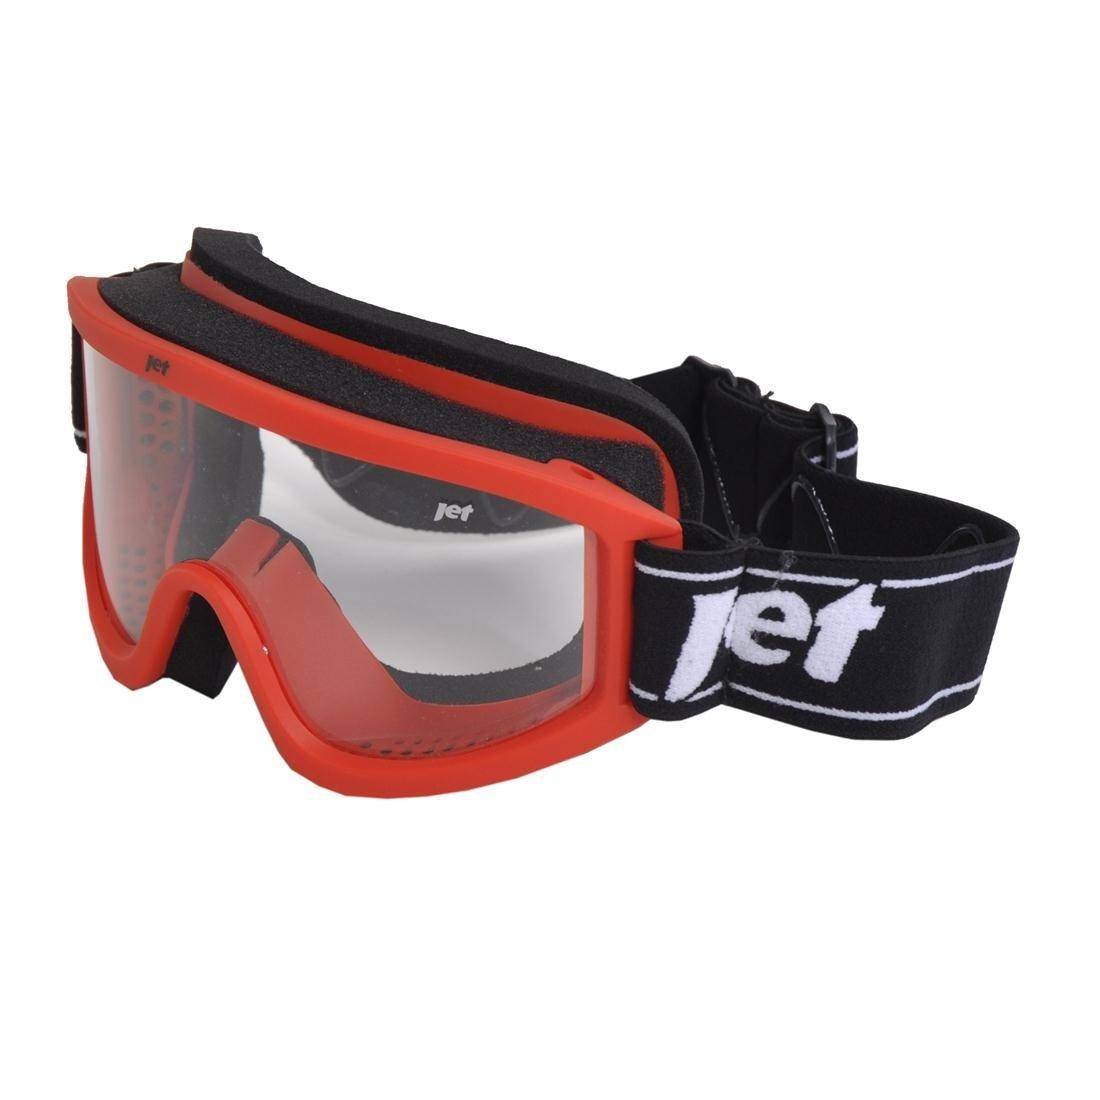 fd41c96db9d6f Óculos JET Commando Lente Removível Cristal - Compre Agora